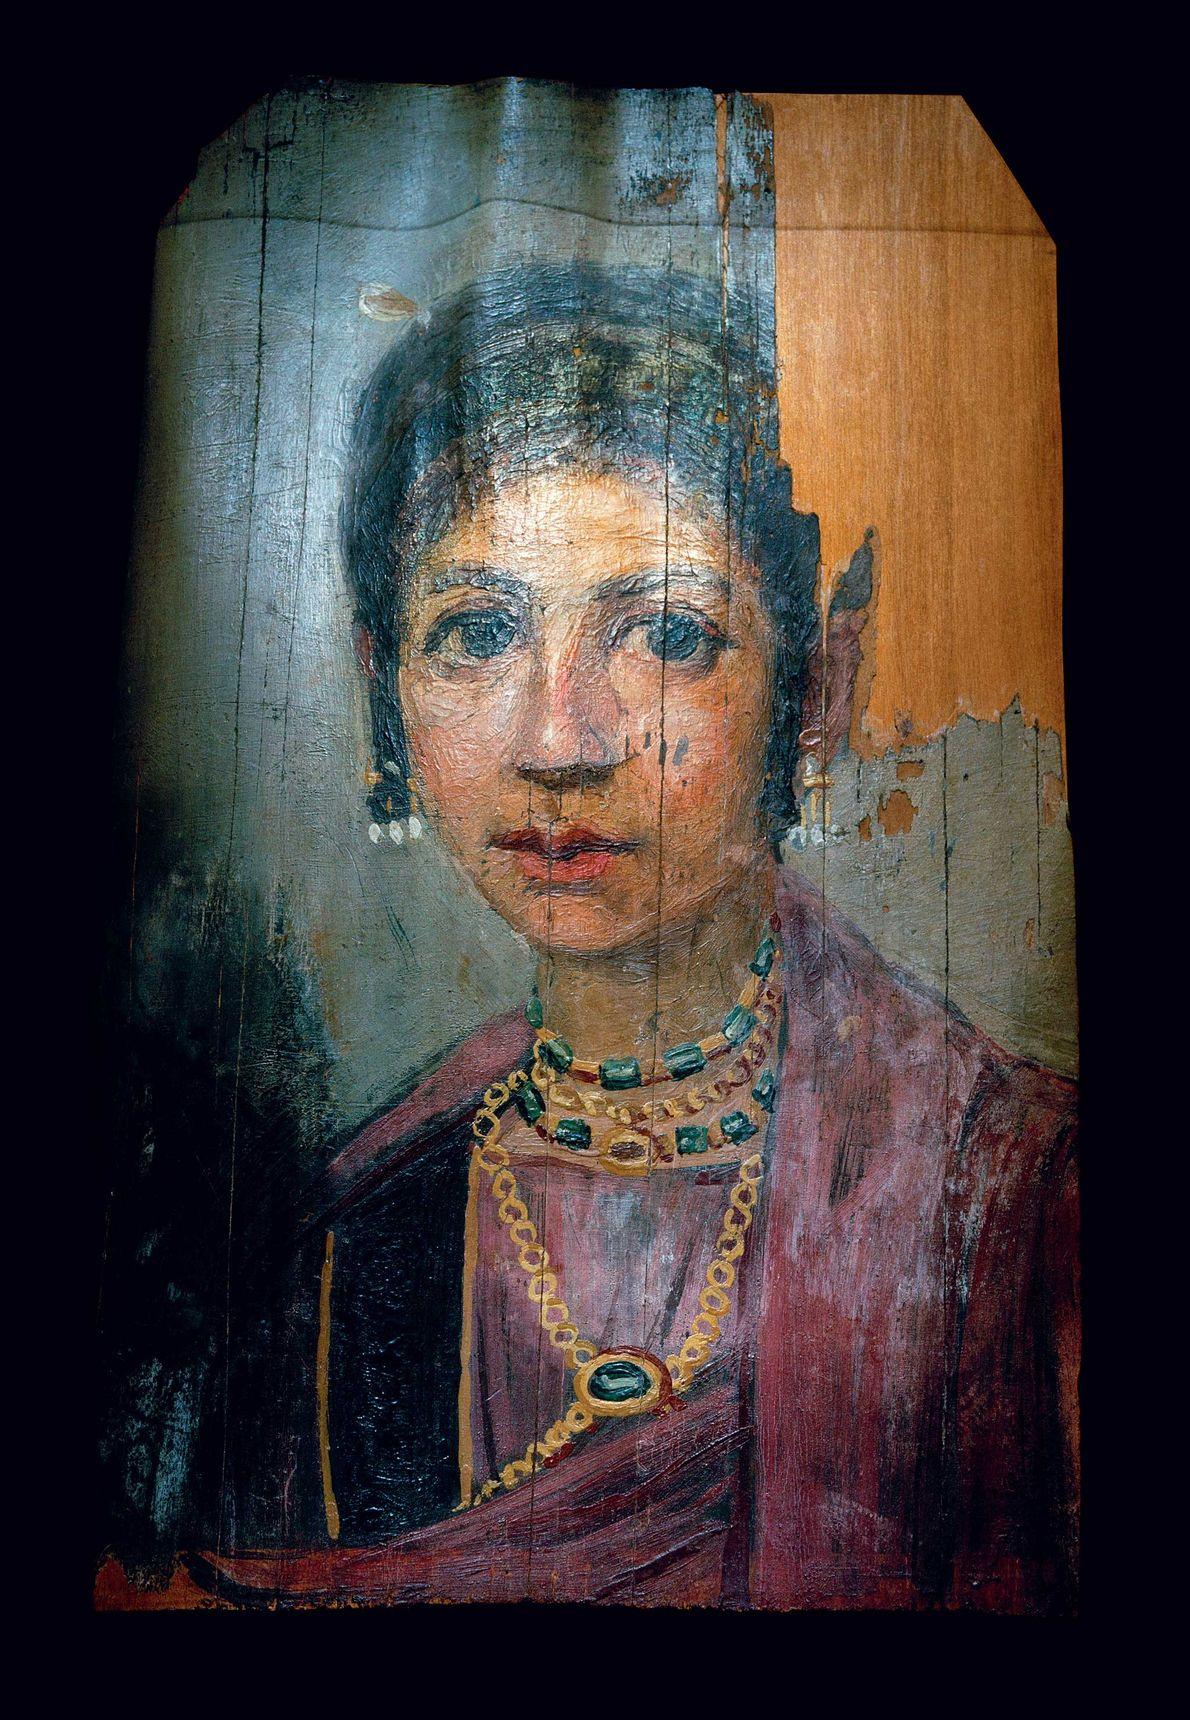 Les portraits du Fayoum offrent un bel aperçu des bijoux, accessoires et coiffures de l'époque. La ...